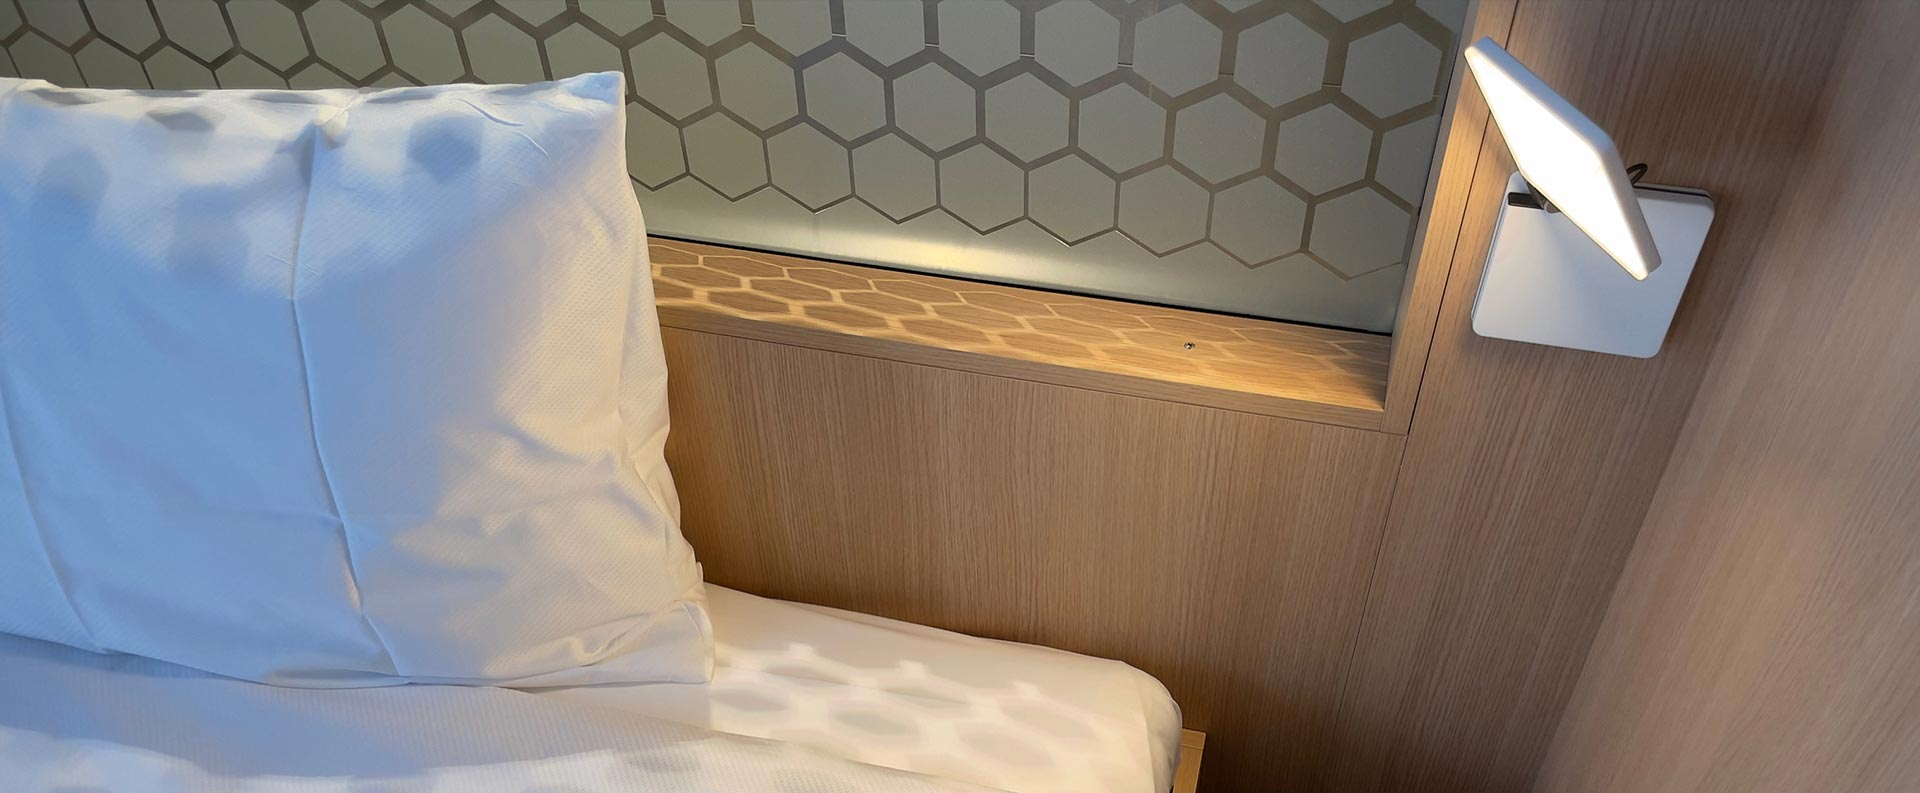 The LAB Hotel – das Hotel der Zukunft